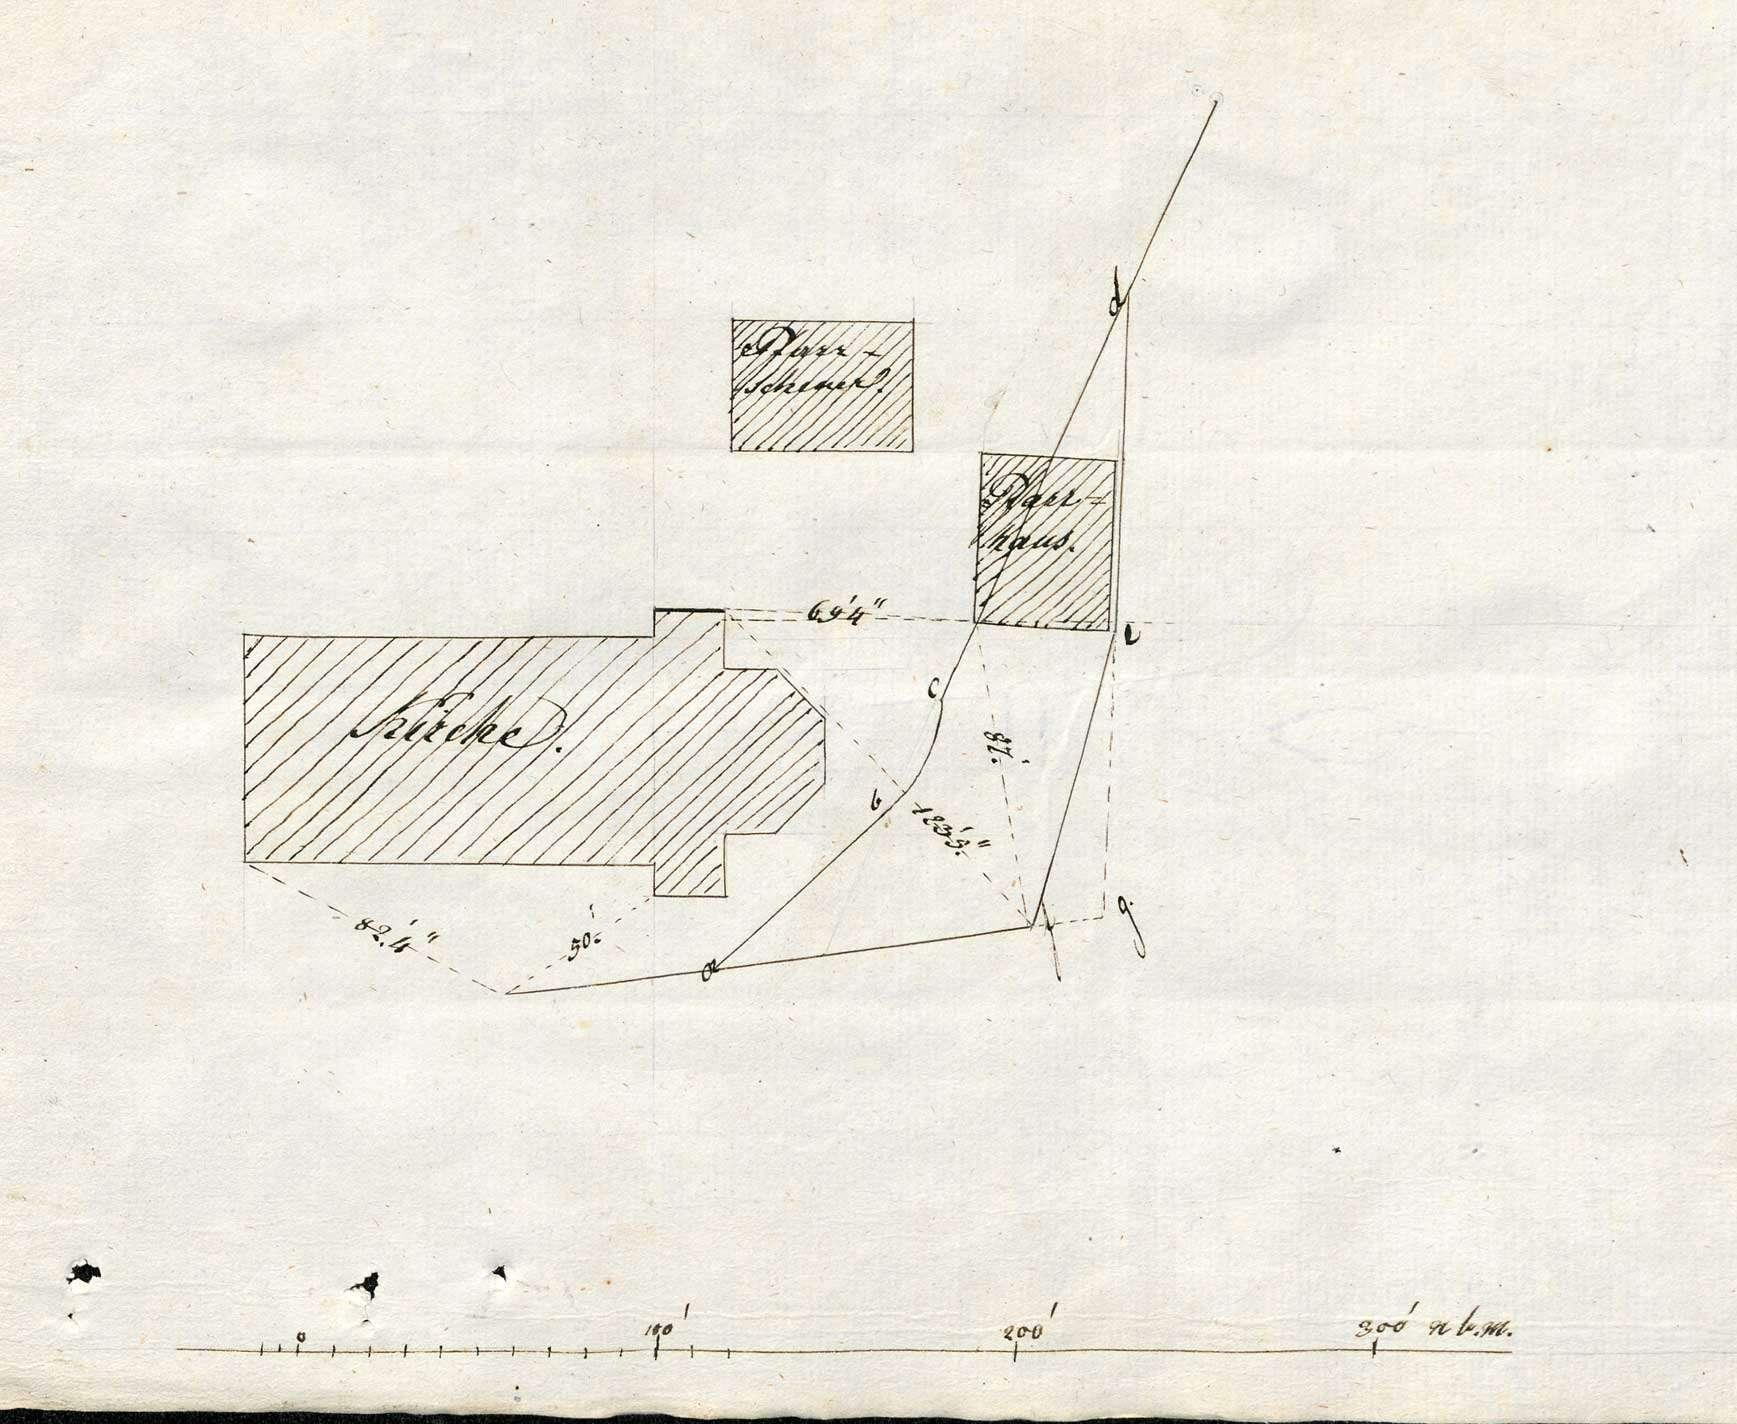 Erbauung der Pfarrgebäulichkeiten in Herrischried, Bild 1